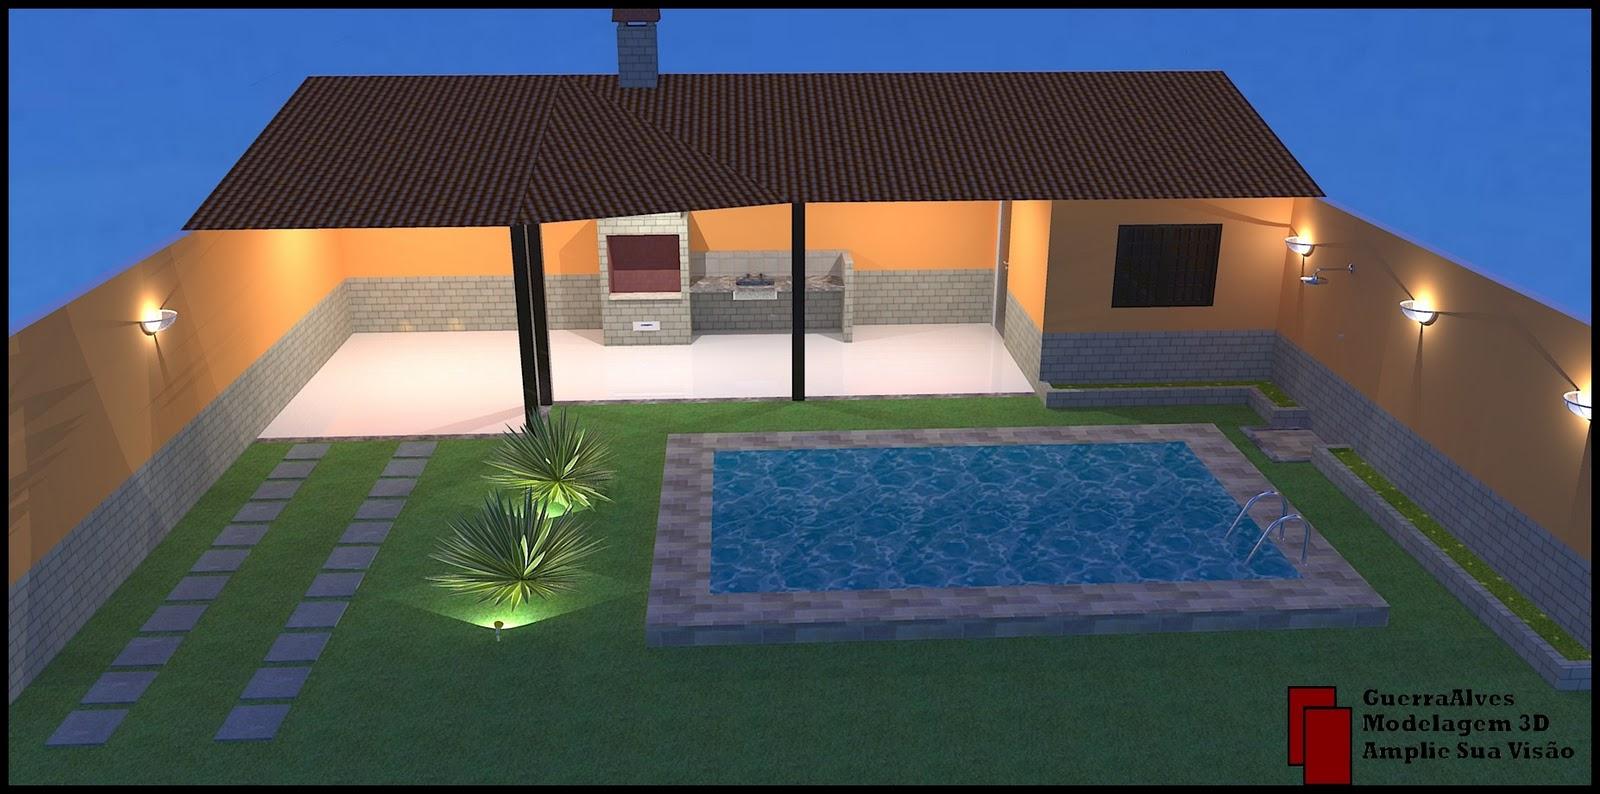 GuerraAlves Modelagem 3D: PROJETO #7 ILUMINAÇÃO ÁREA DE LAZER #9E532D 1600 794